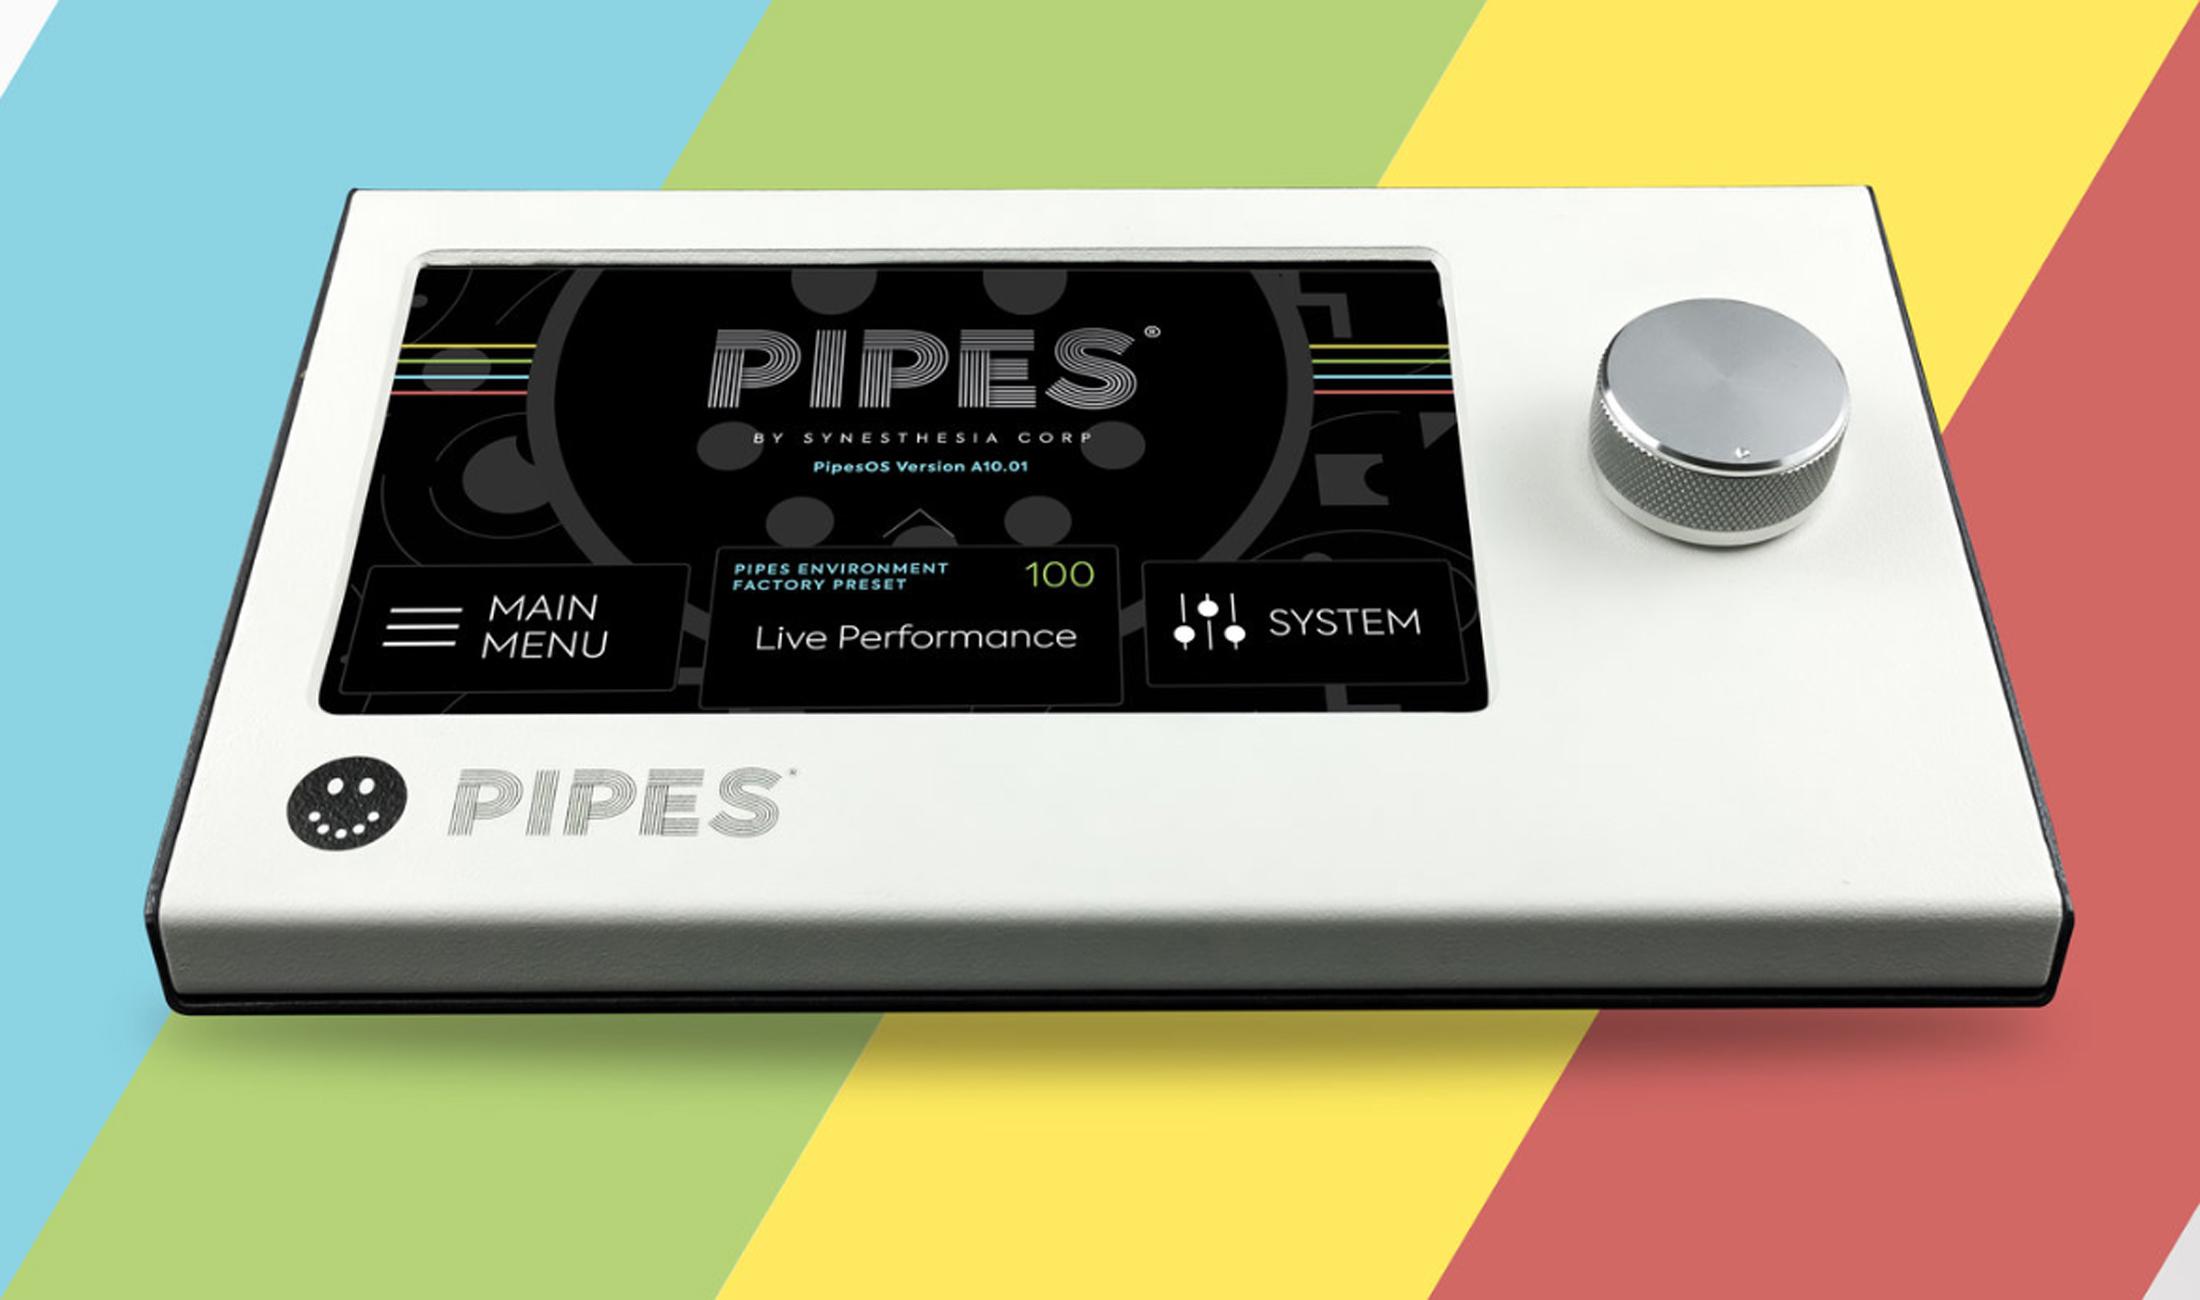 Synesthesia Corp Pipes ist ein Hi-Tech-Sampler für Studio- und Live-Performance